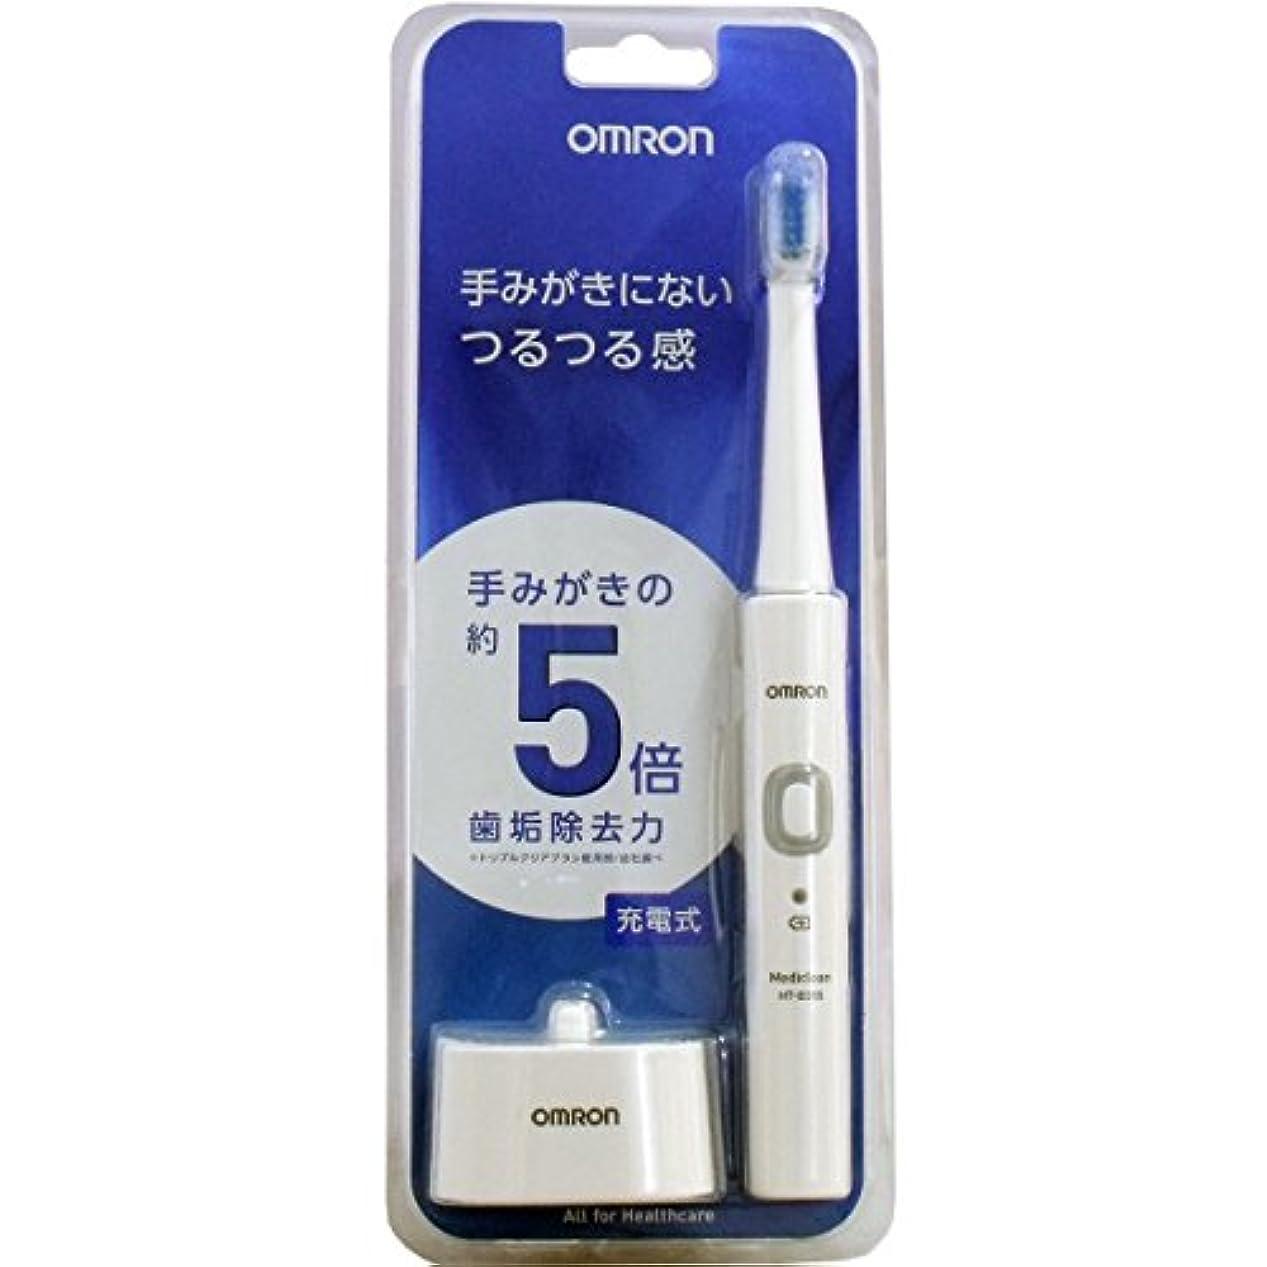 アクチュエータ地下鉄資格情報オムロン電動歯ブラシHT-B305-W